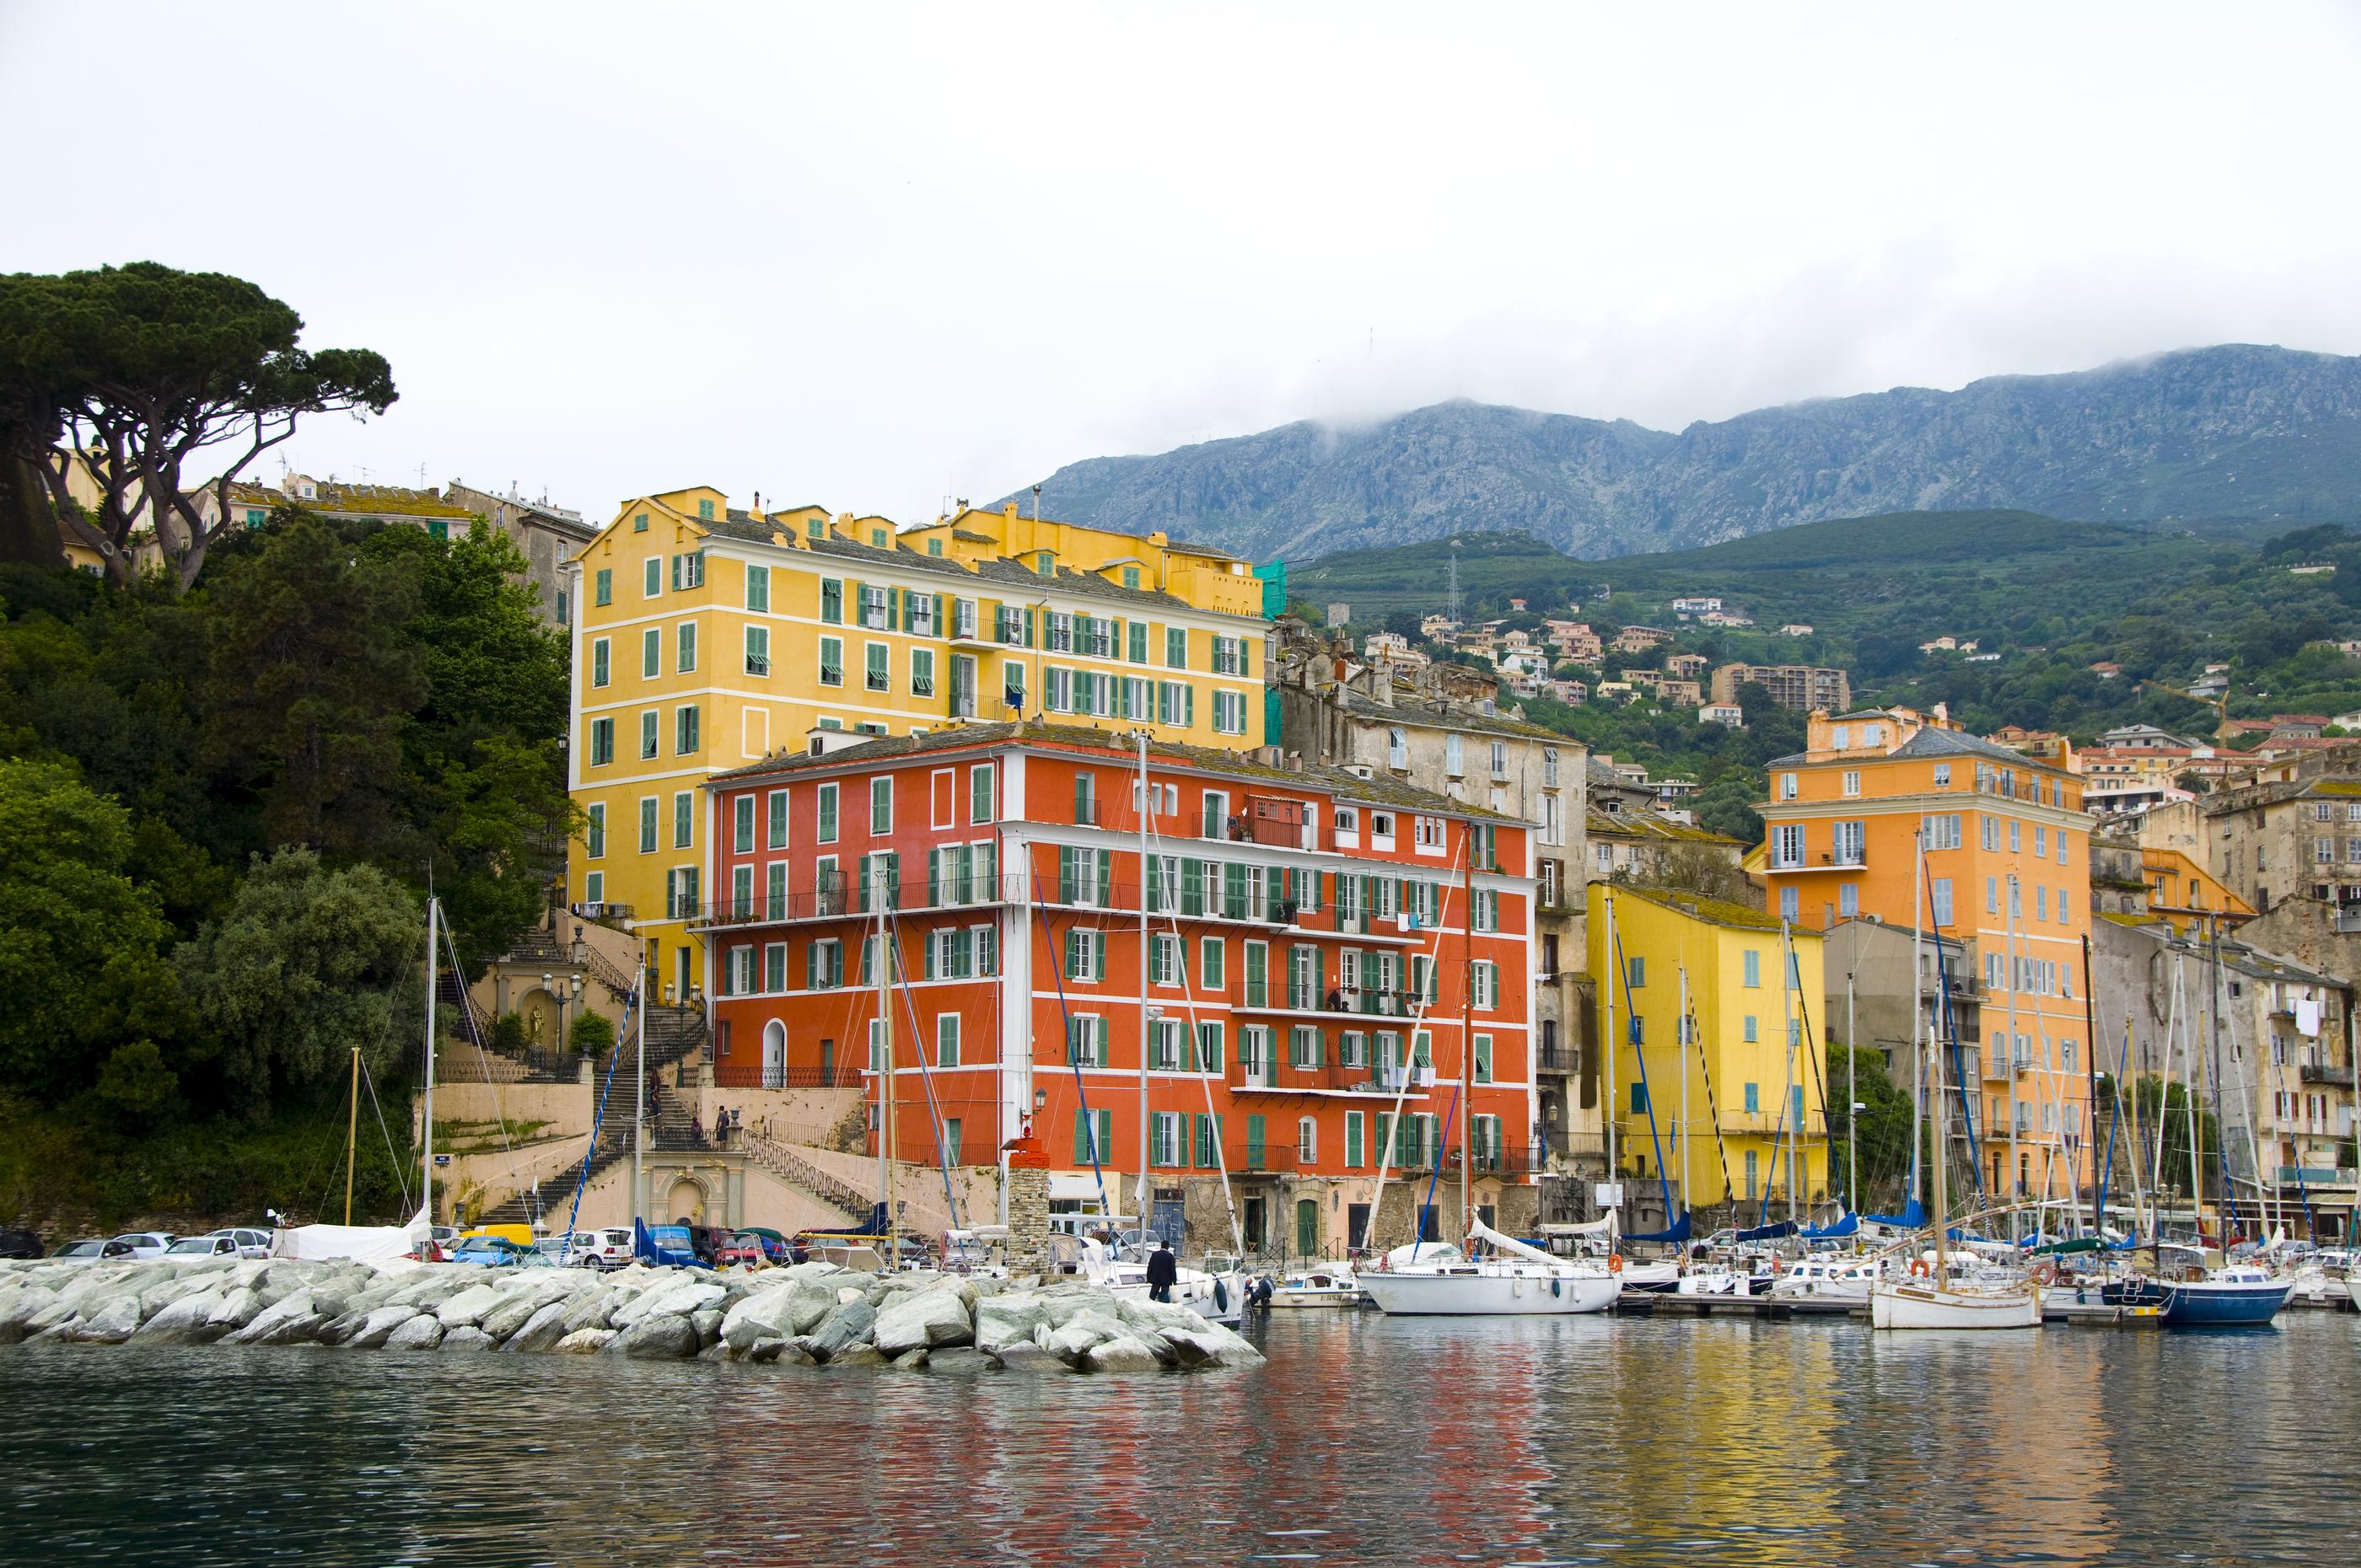 The Old Port Bastia